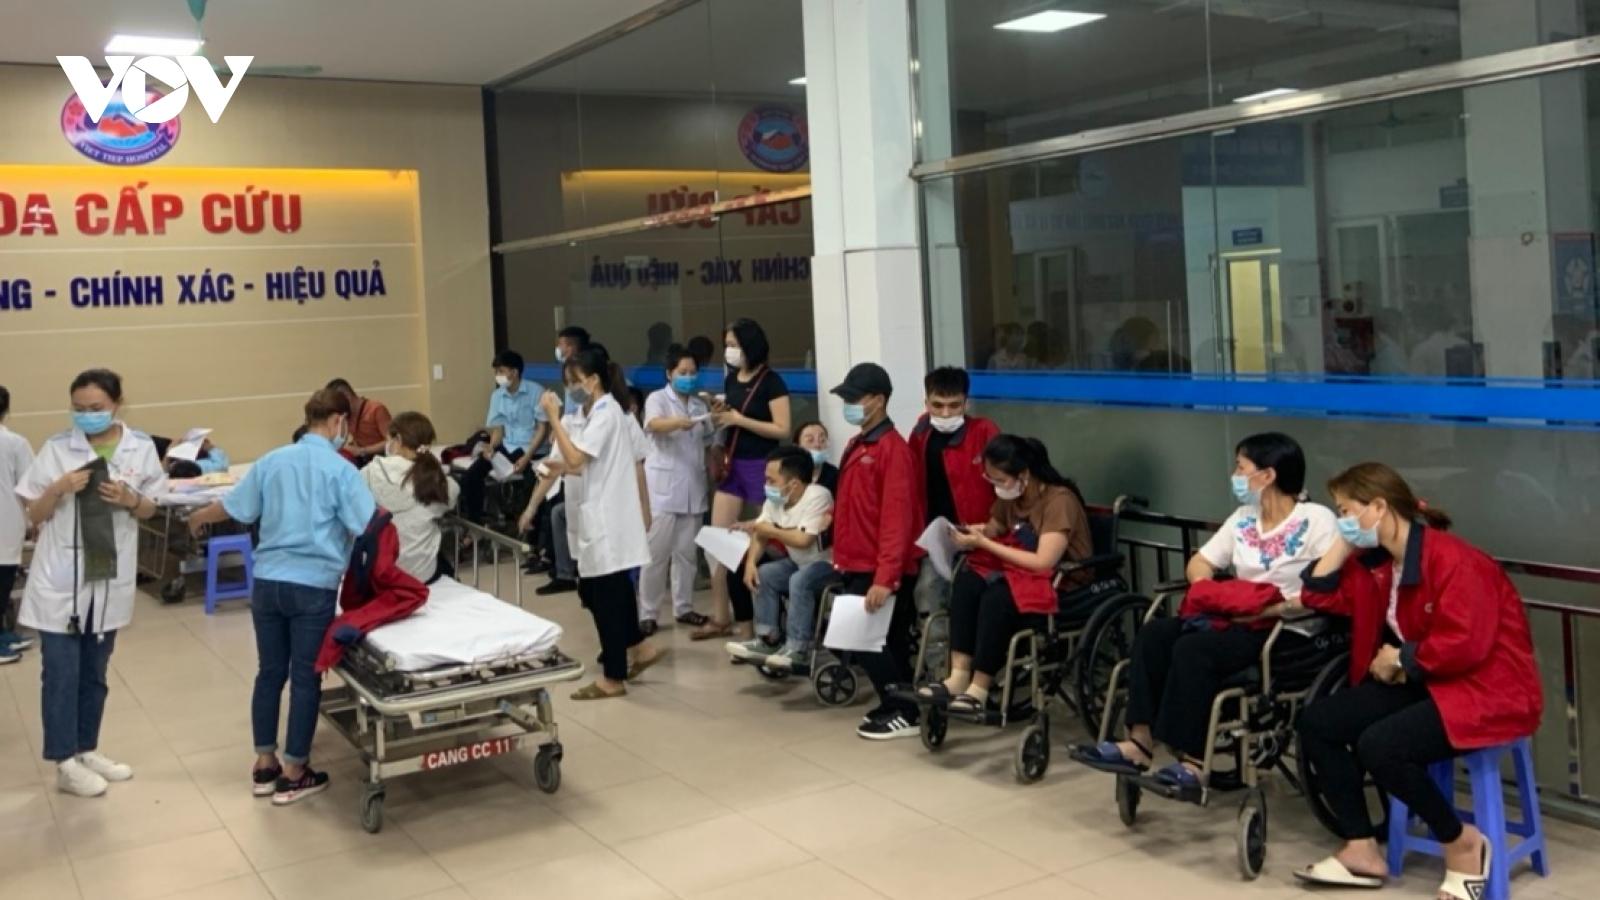 Vụ công nhân ngộ độc tập thể ở Hải Phòng: Xử phạt doanh nghiệp cung cấp thực phẩm